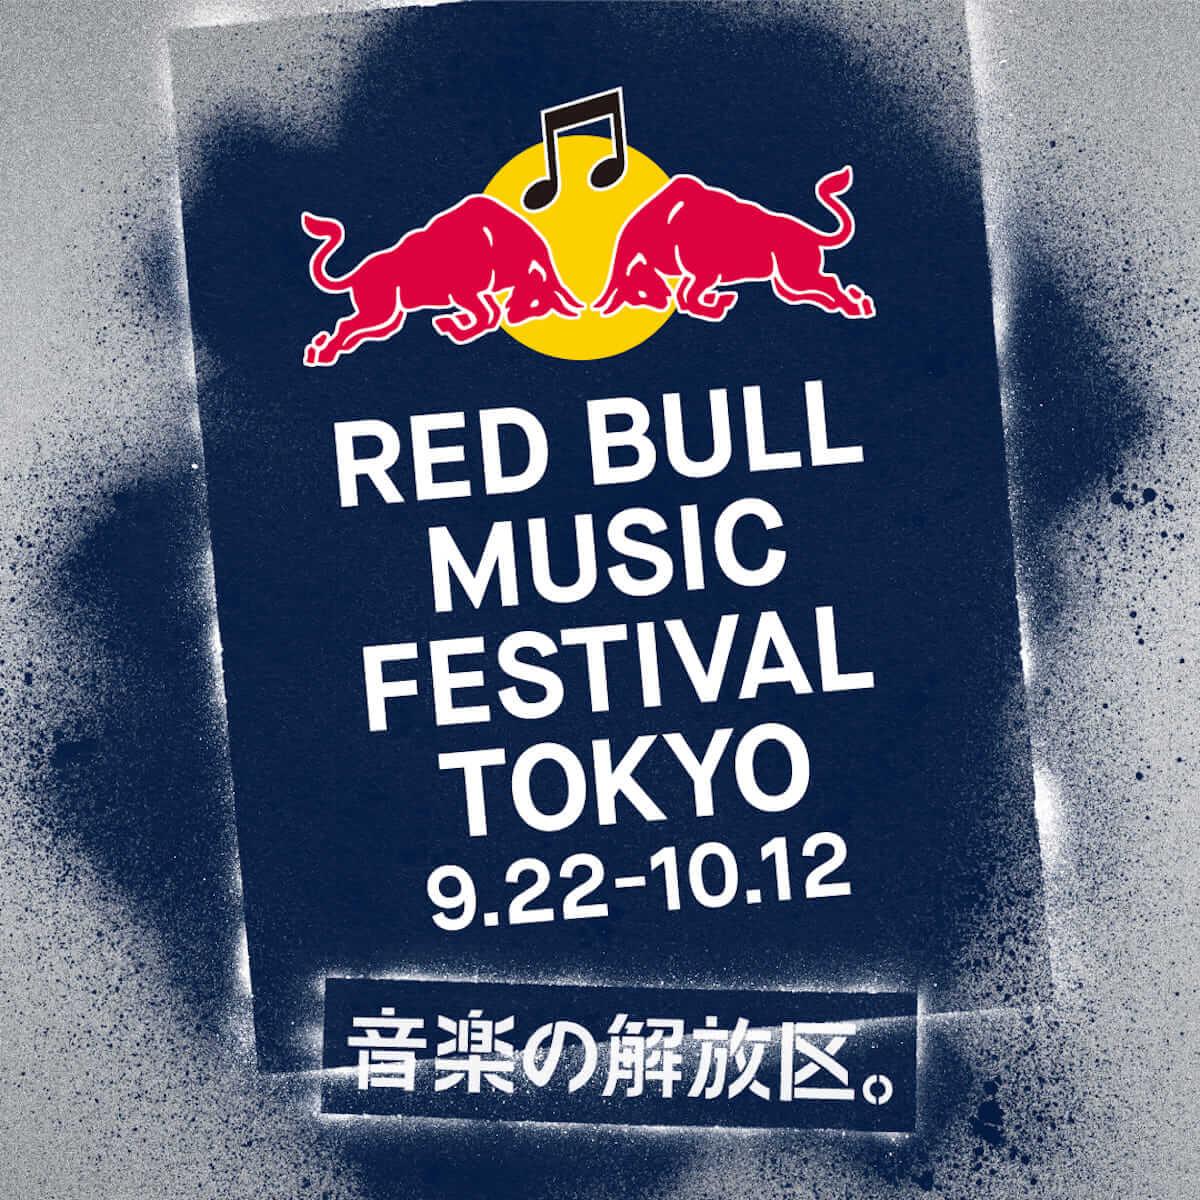 「RED BULL MUSIC FESTIVAL TOKYO 2018」CMが放送開始|Zeebra、向井太一、RHYMESTER、 ちゃんみな、やくしまるえつこらが登場 music180804-redbullmusicfestival-7-1200x1200